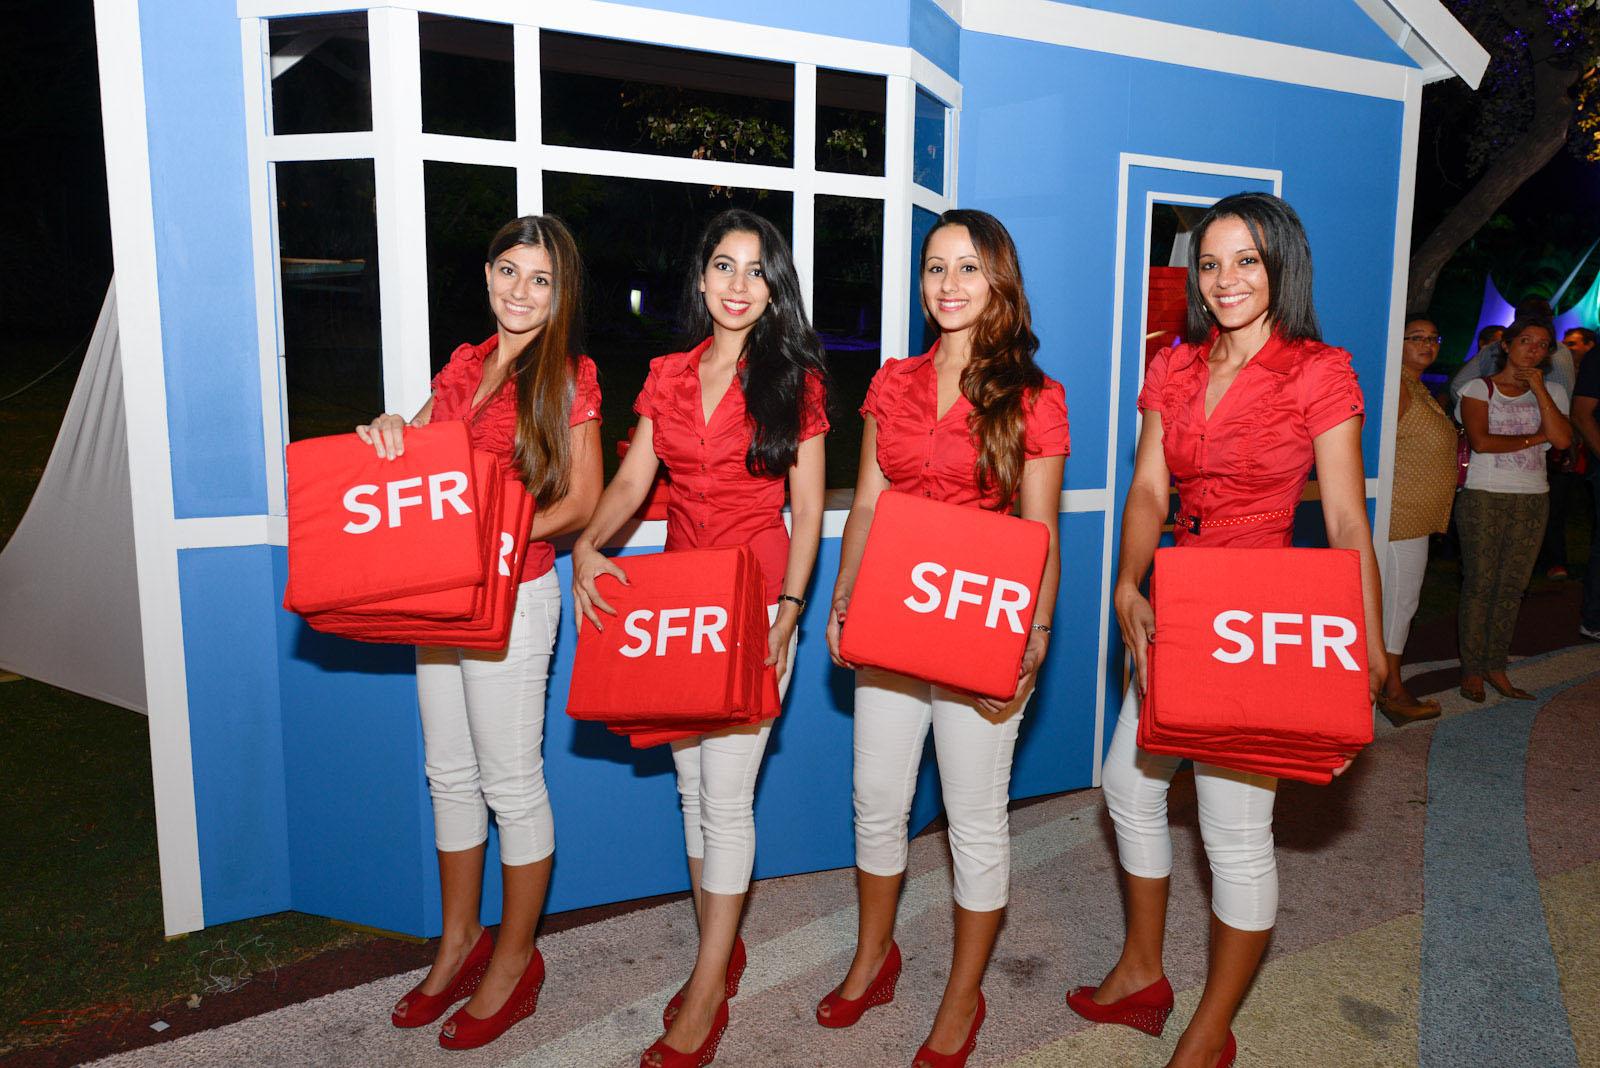 Soirée SFR avec la participation de Maxime Le Forestier